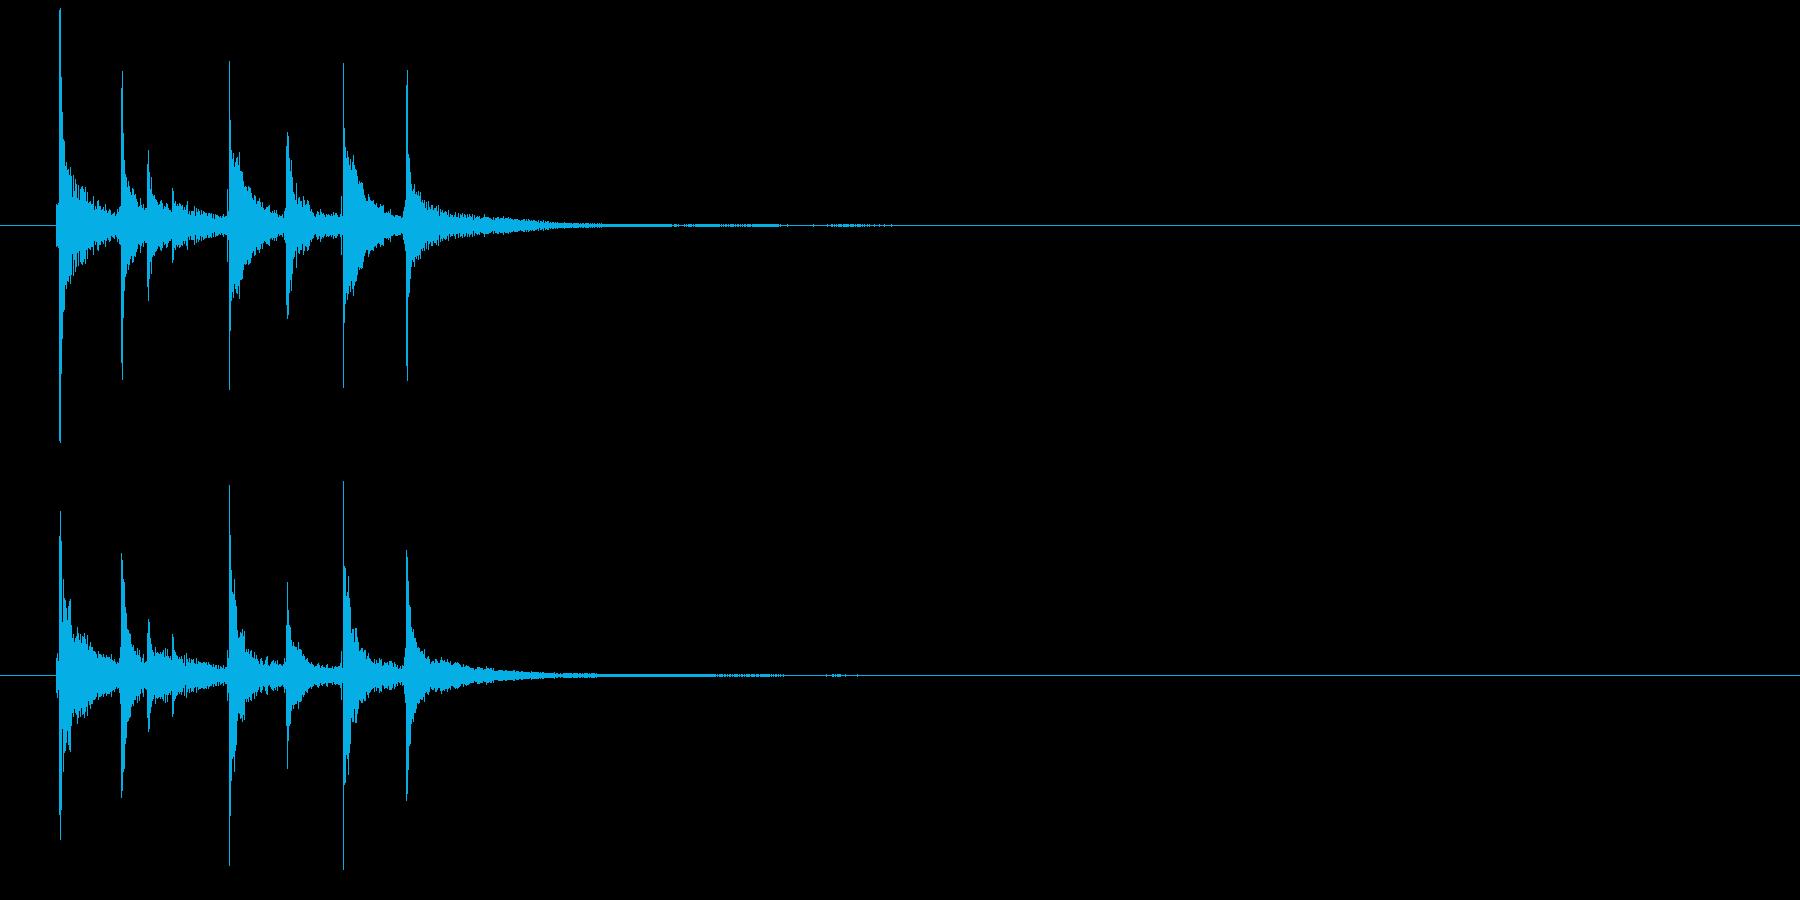 和の素材_三味線の短いフレーズ3の再生済みの波形